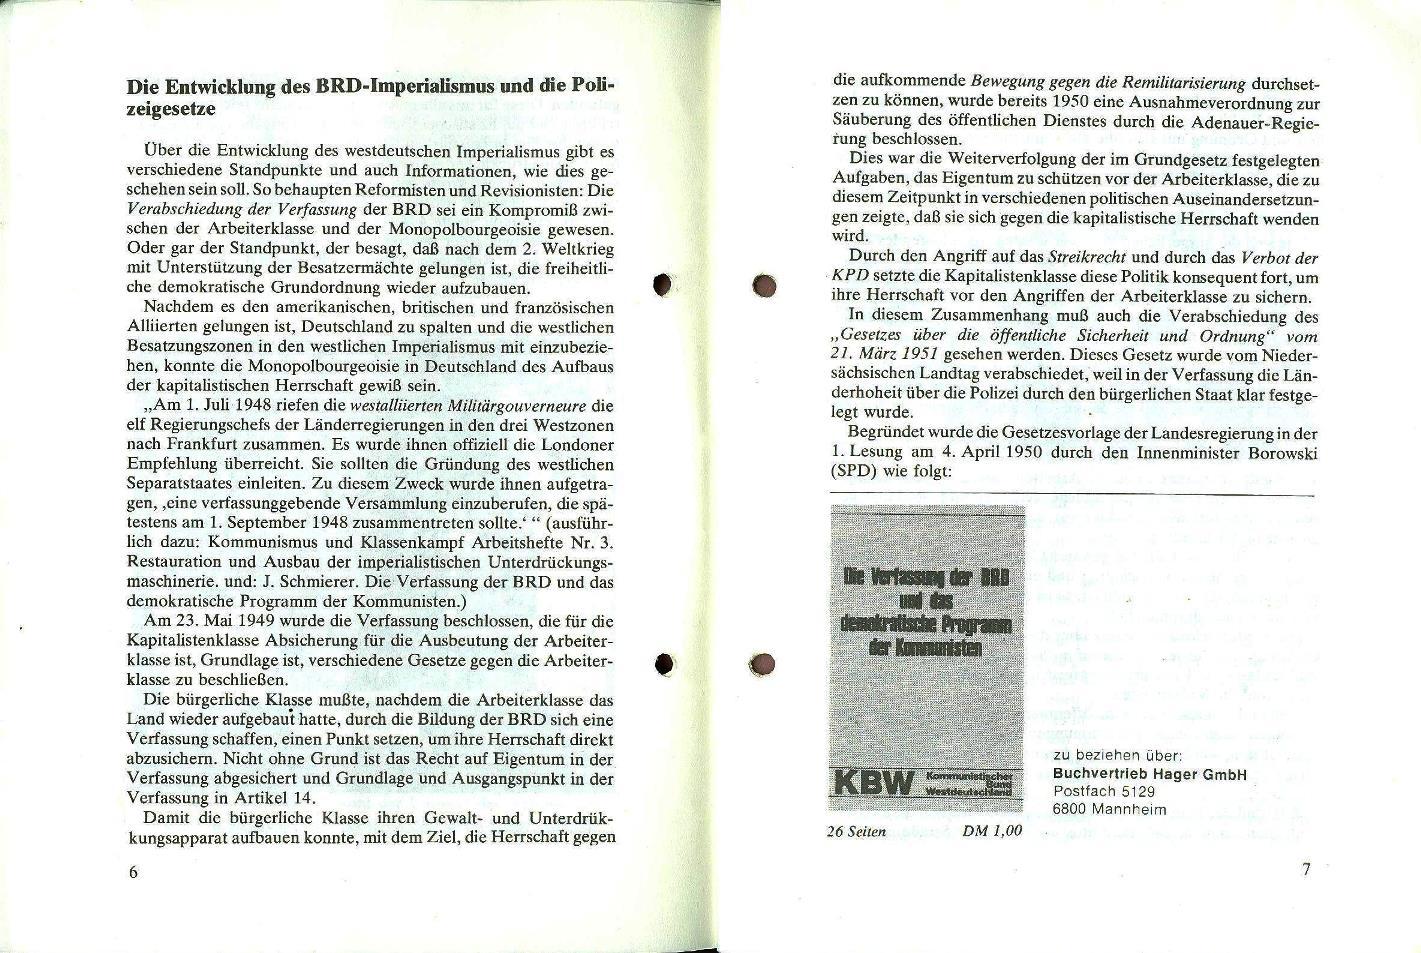 Niedersachsen_Polizeigesetz004